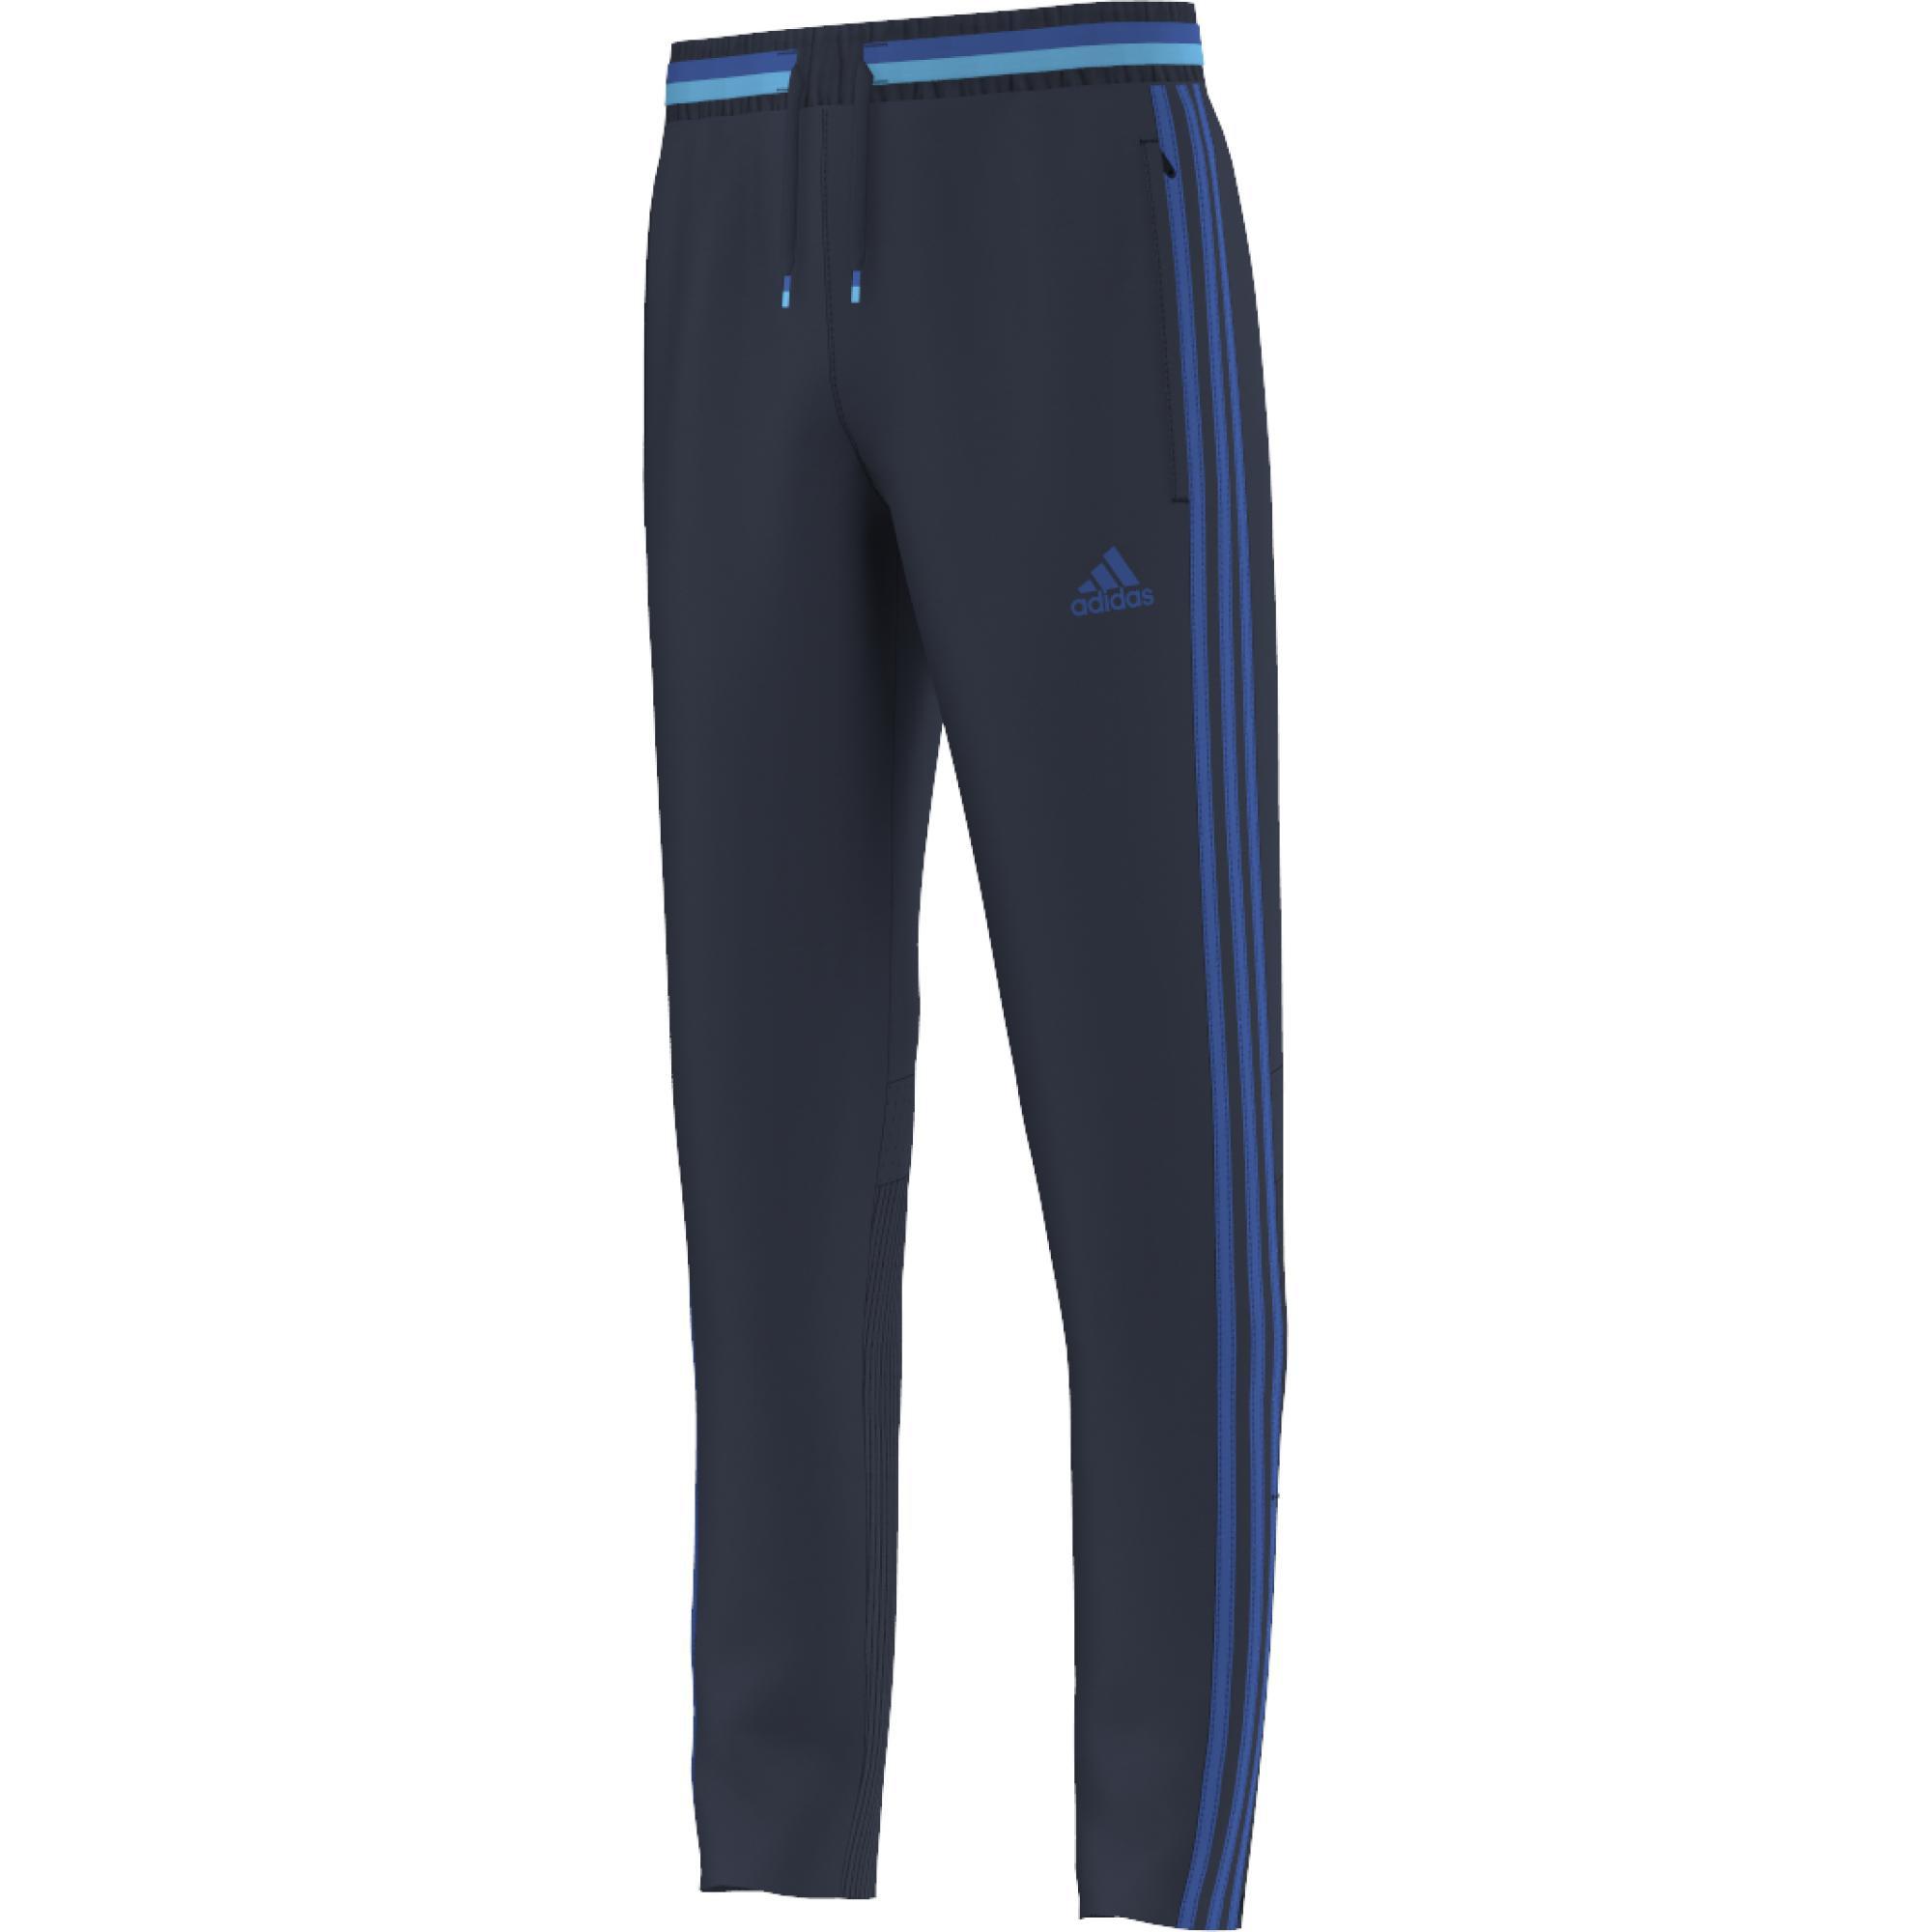 Image of   Adidas Condivo 16 Trænings bukser til børn i Marine